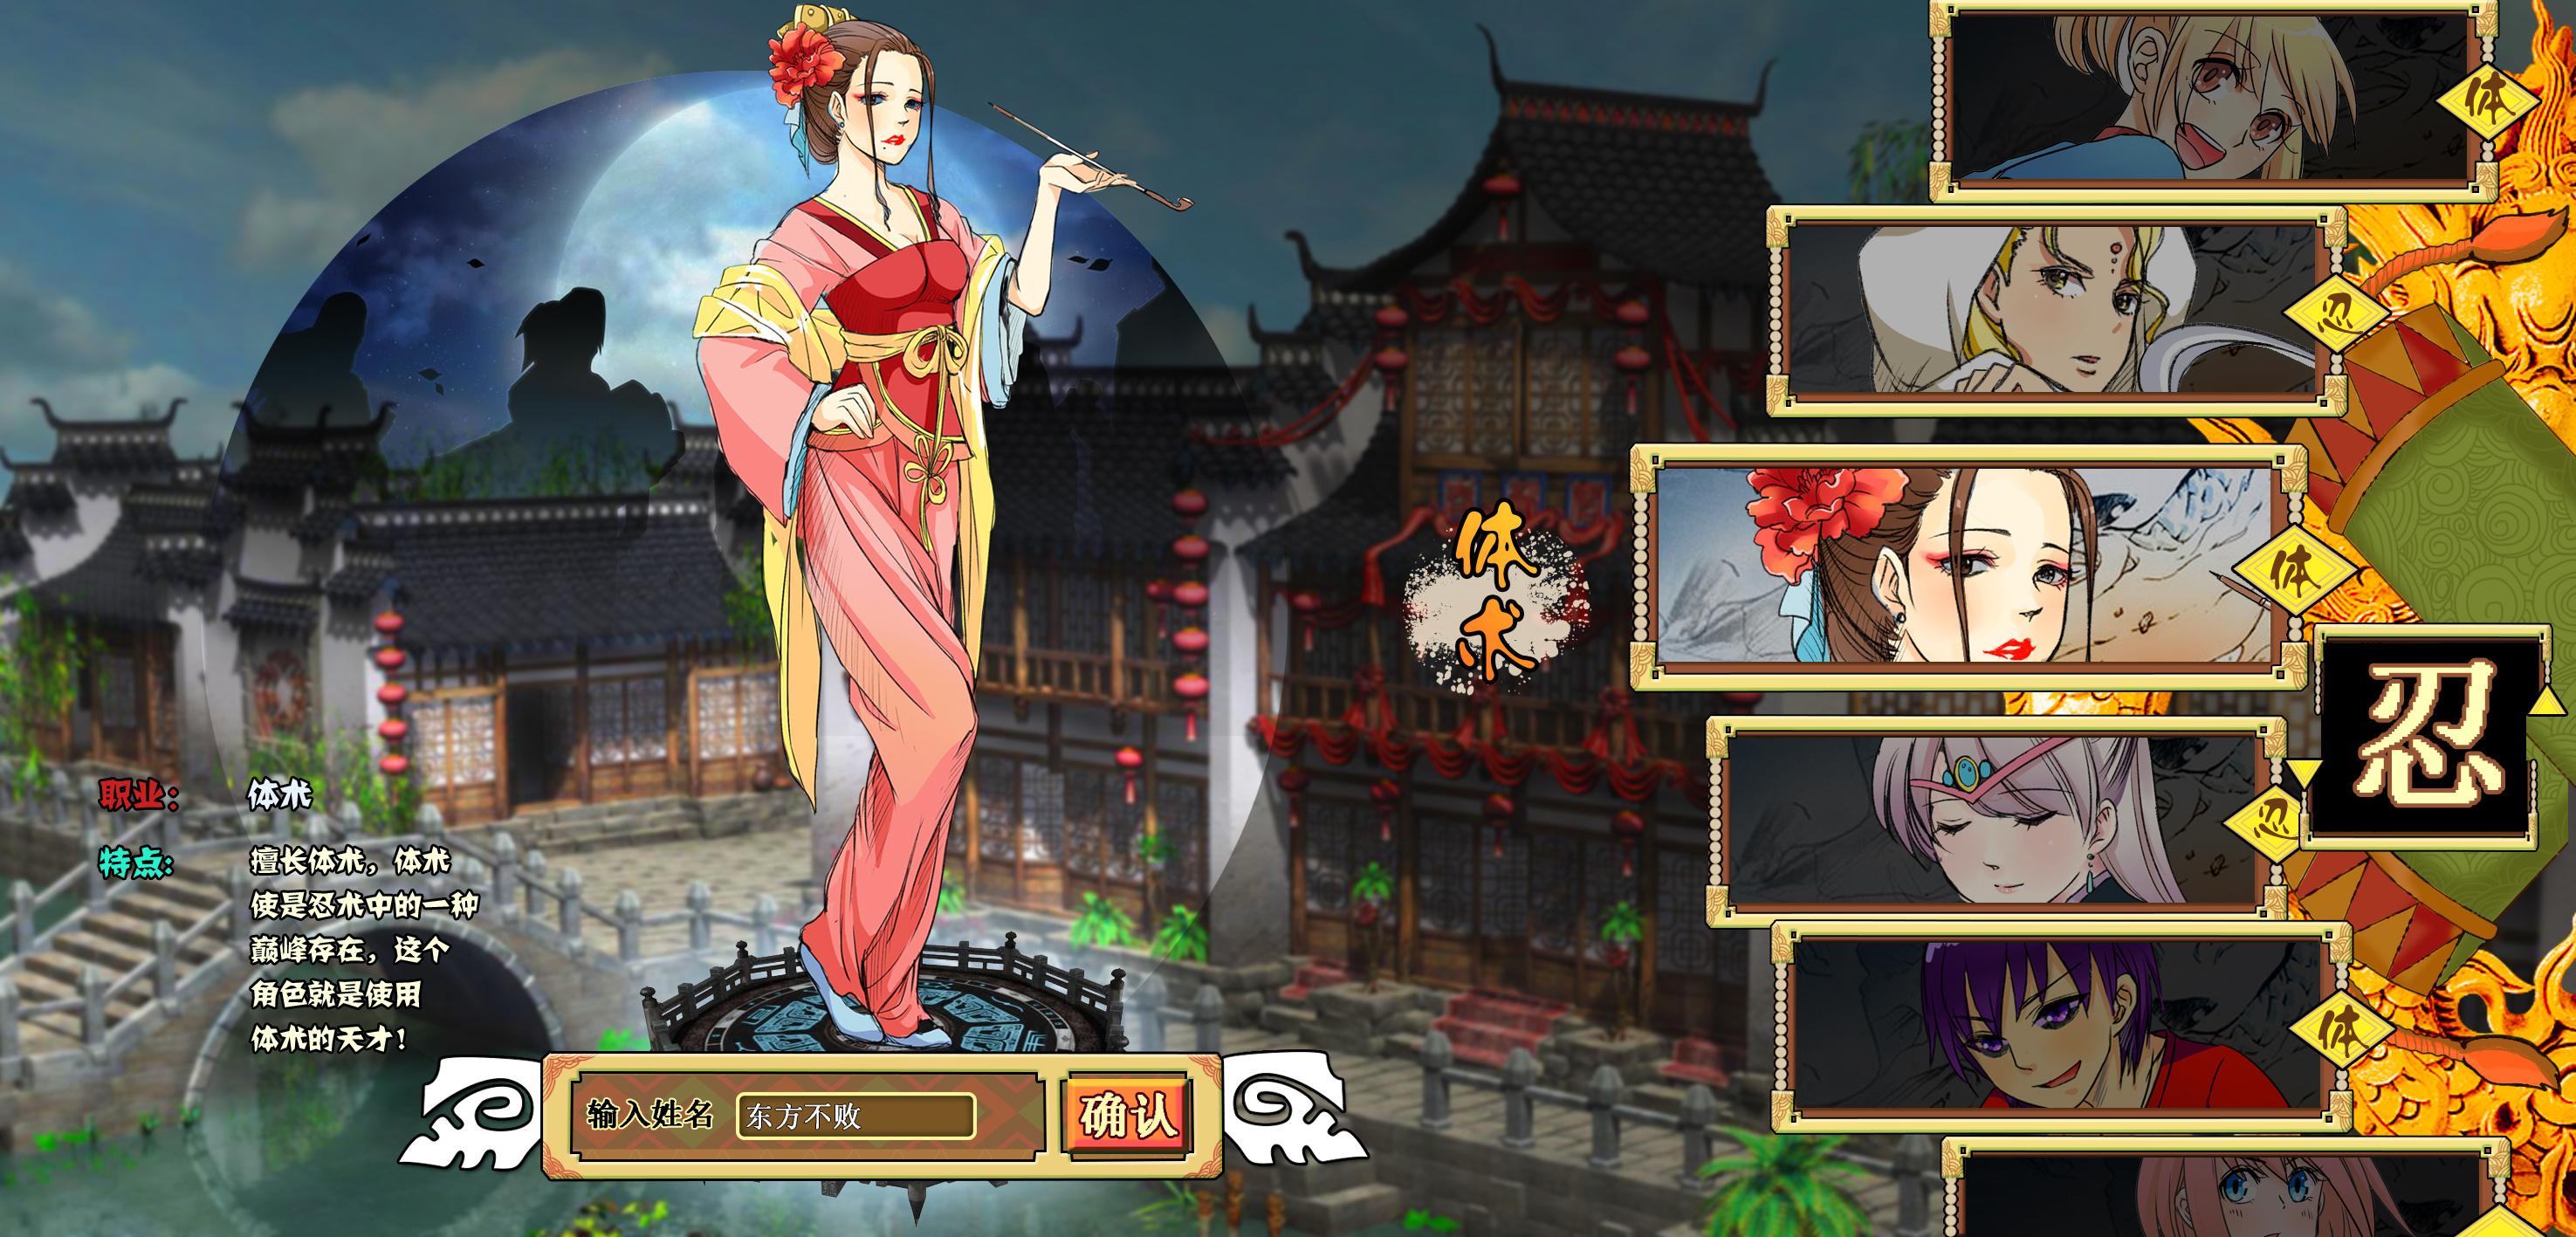 卡通剧情网页游戏界面